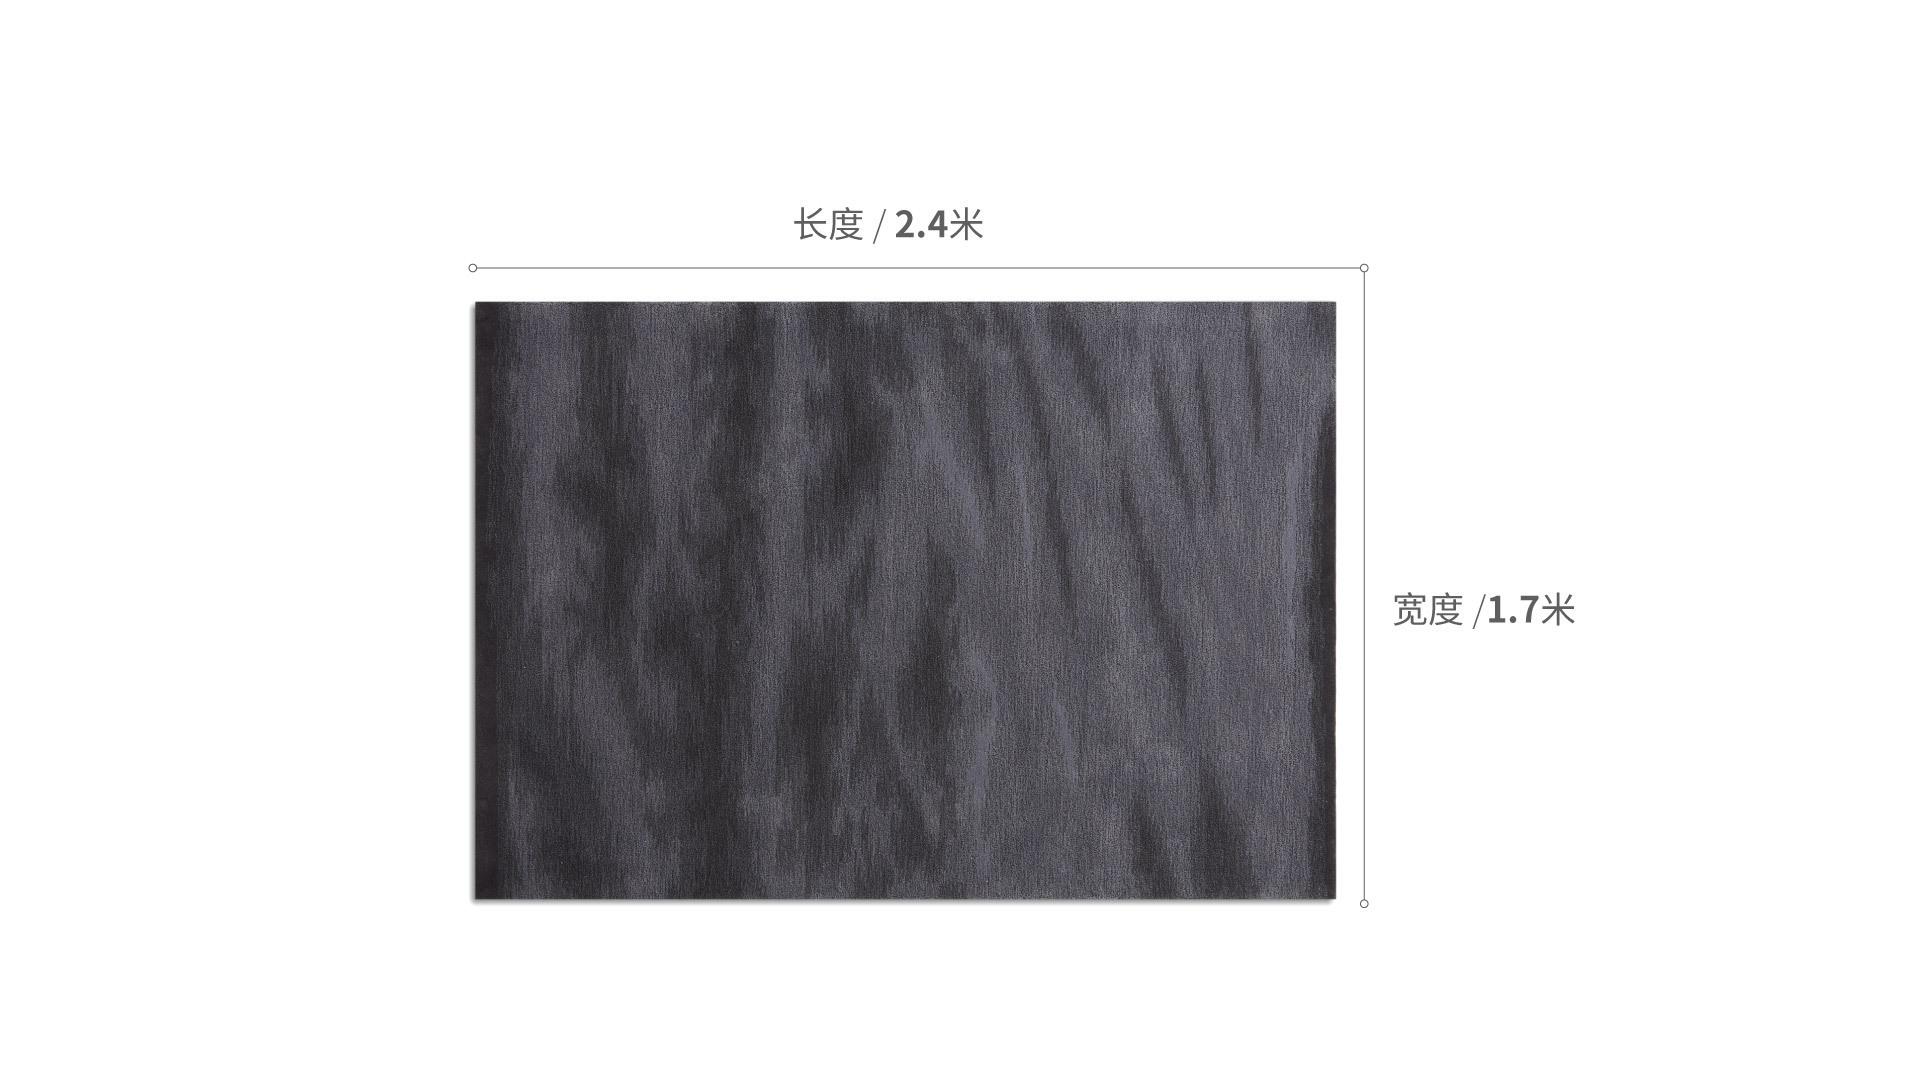 凝沙羊毛手织地毯大号家纺效果图